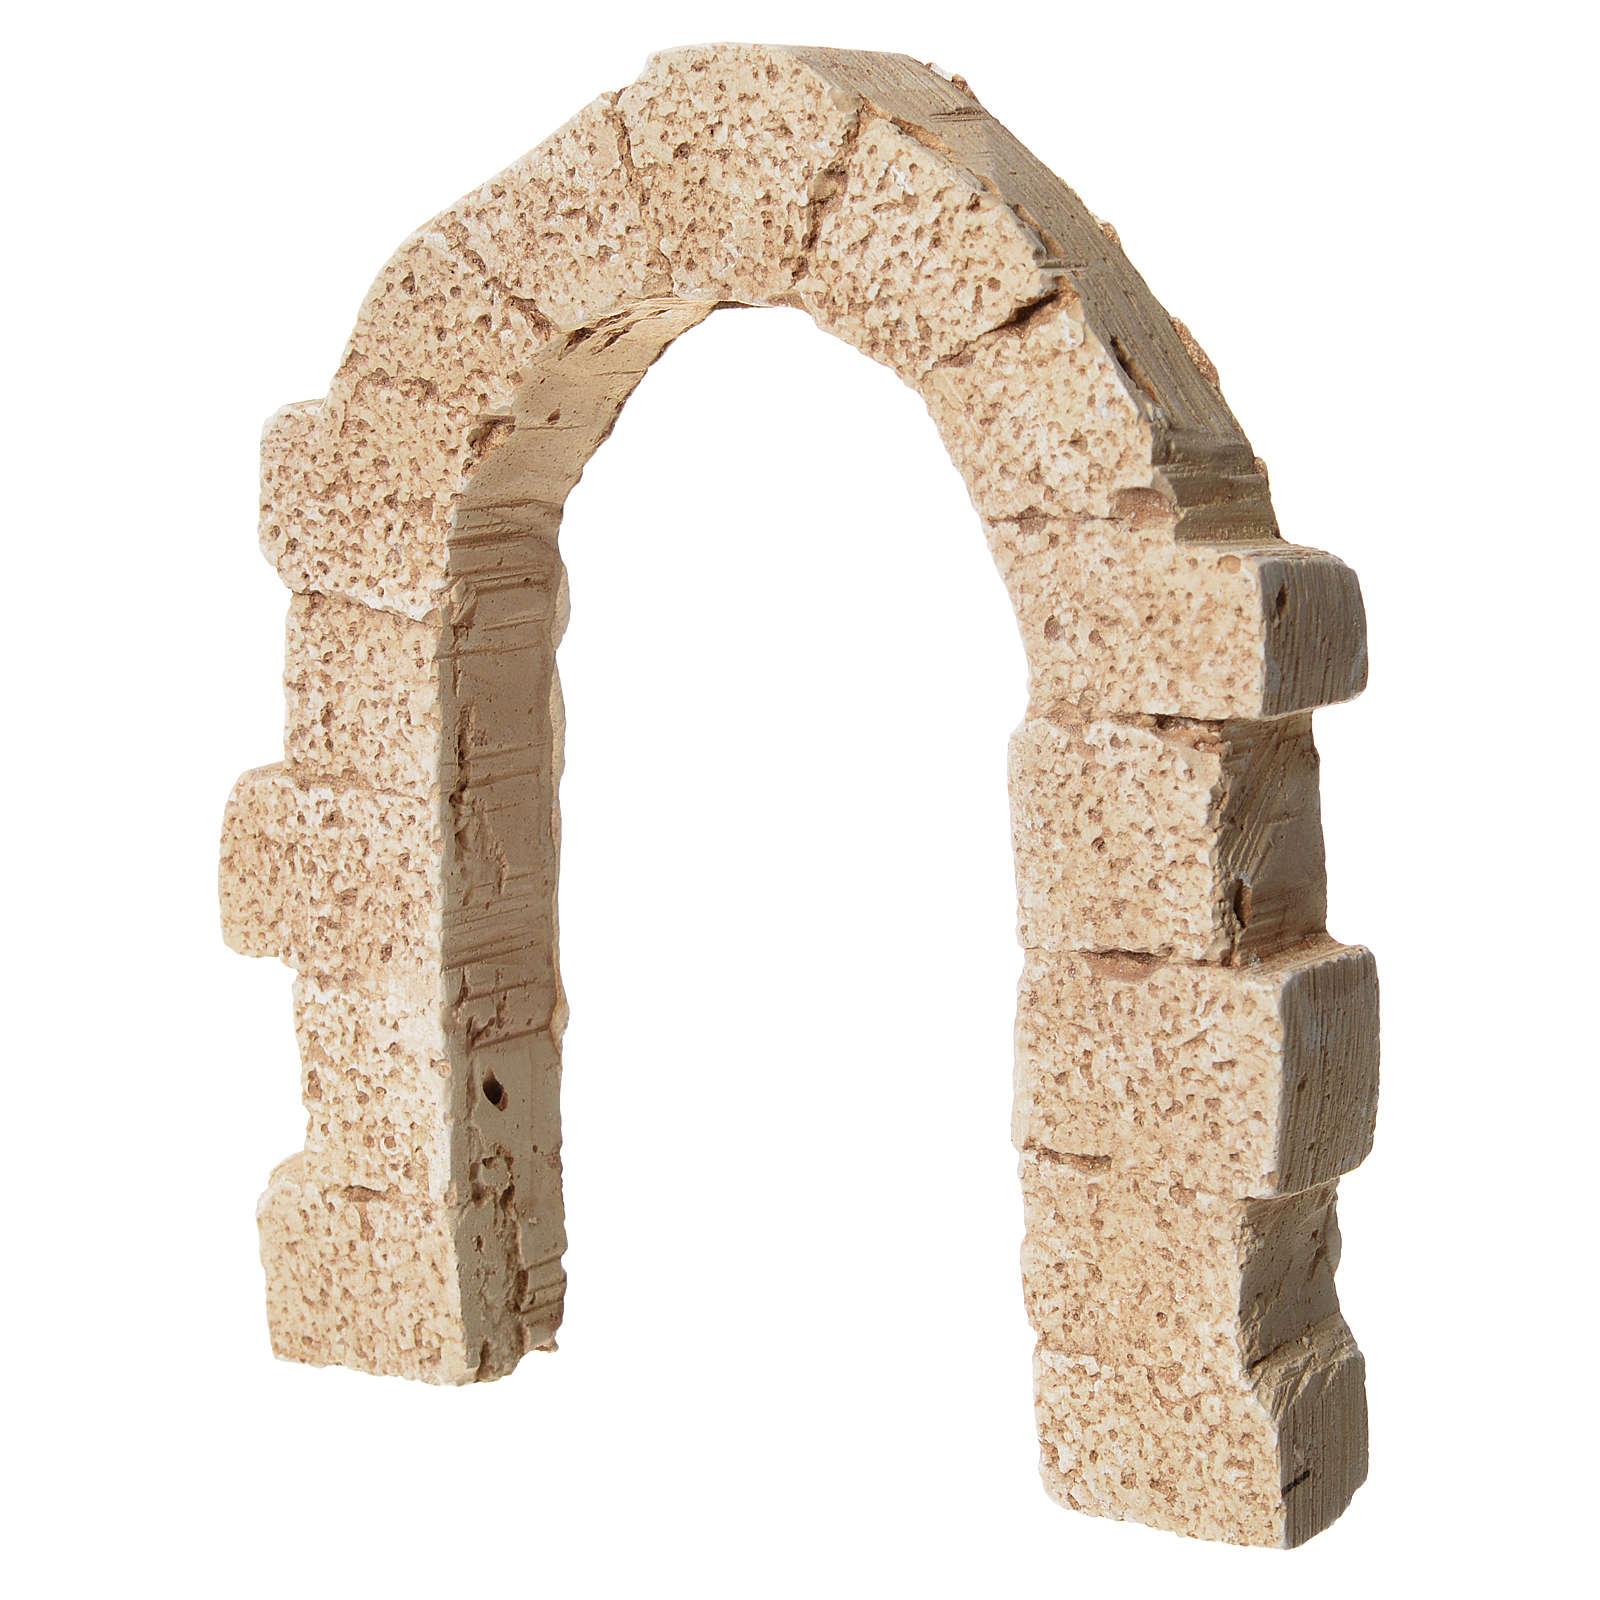 Porta arco in gesso per presepe 11x10 cm 4